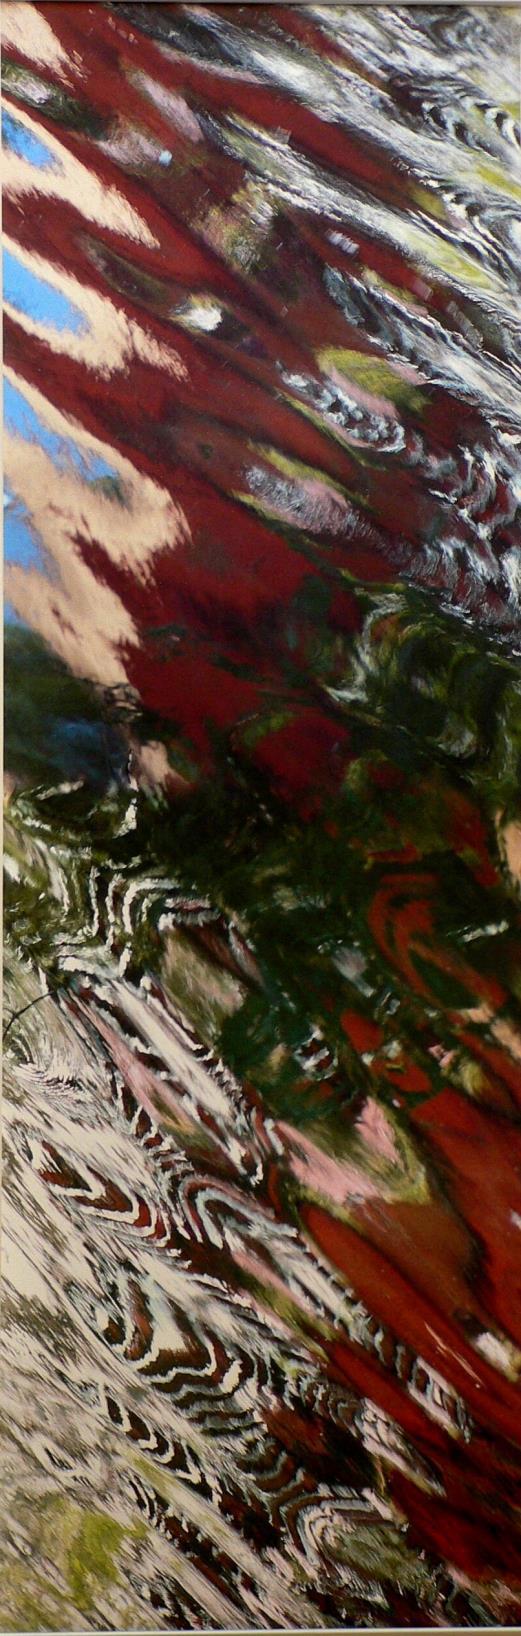 Flamboyante 1 et 2, Isle sur Sorgue Tirage sur bâche, 285x80cm